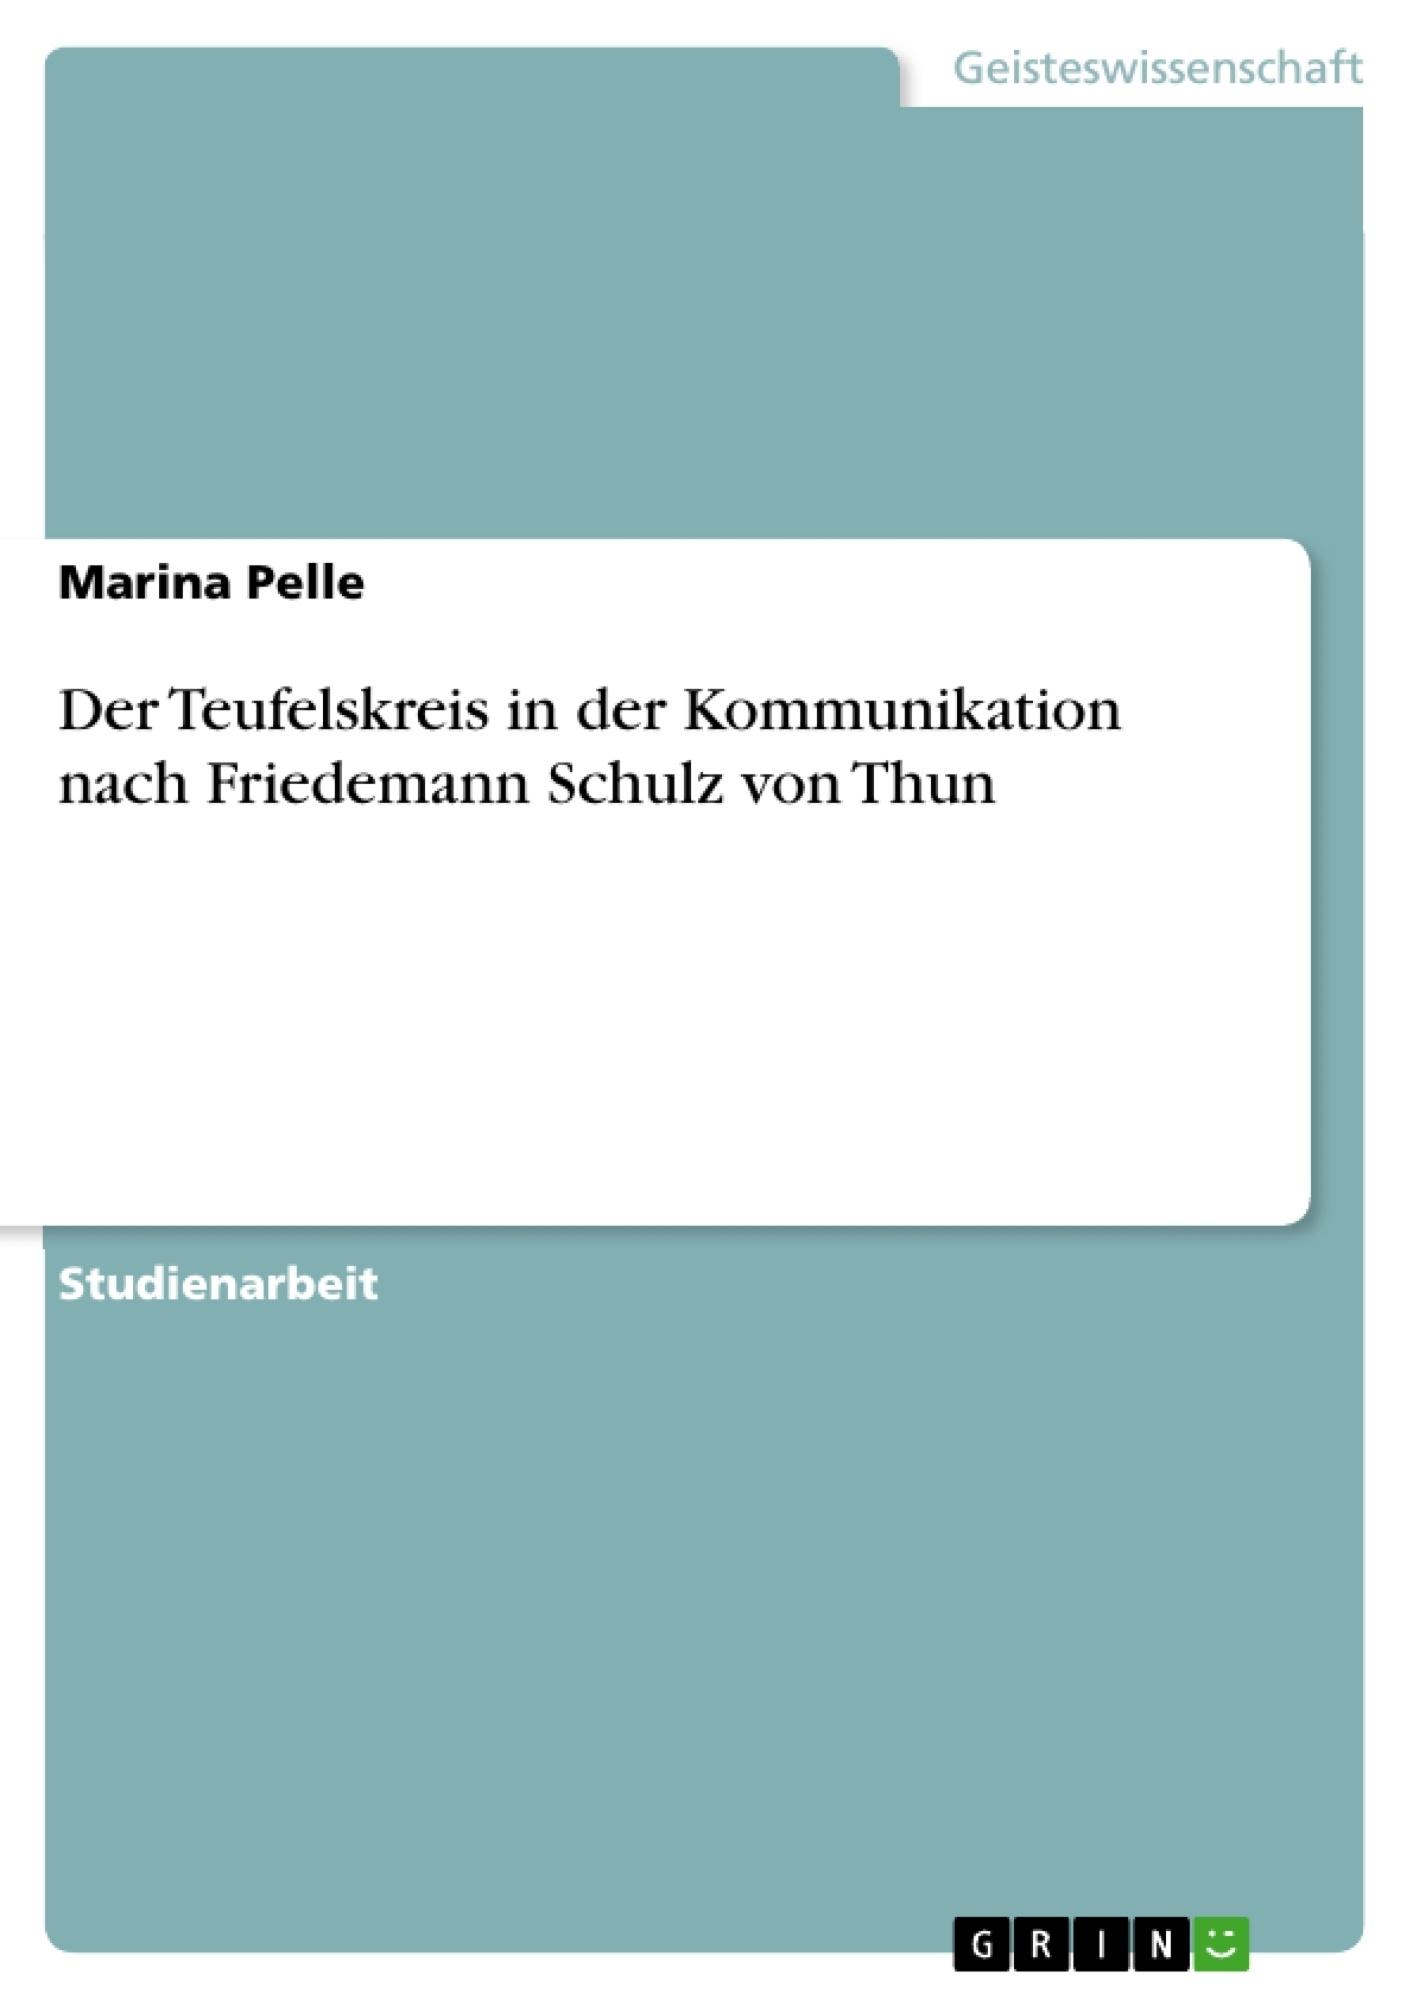 Titel: Der Teufelskreis in der Kommunikation nach Friedemann Schulz von Thun